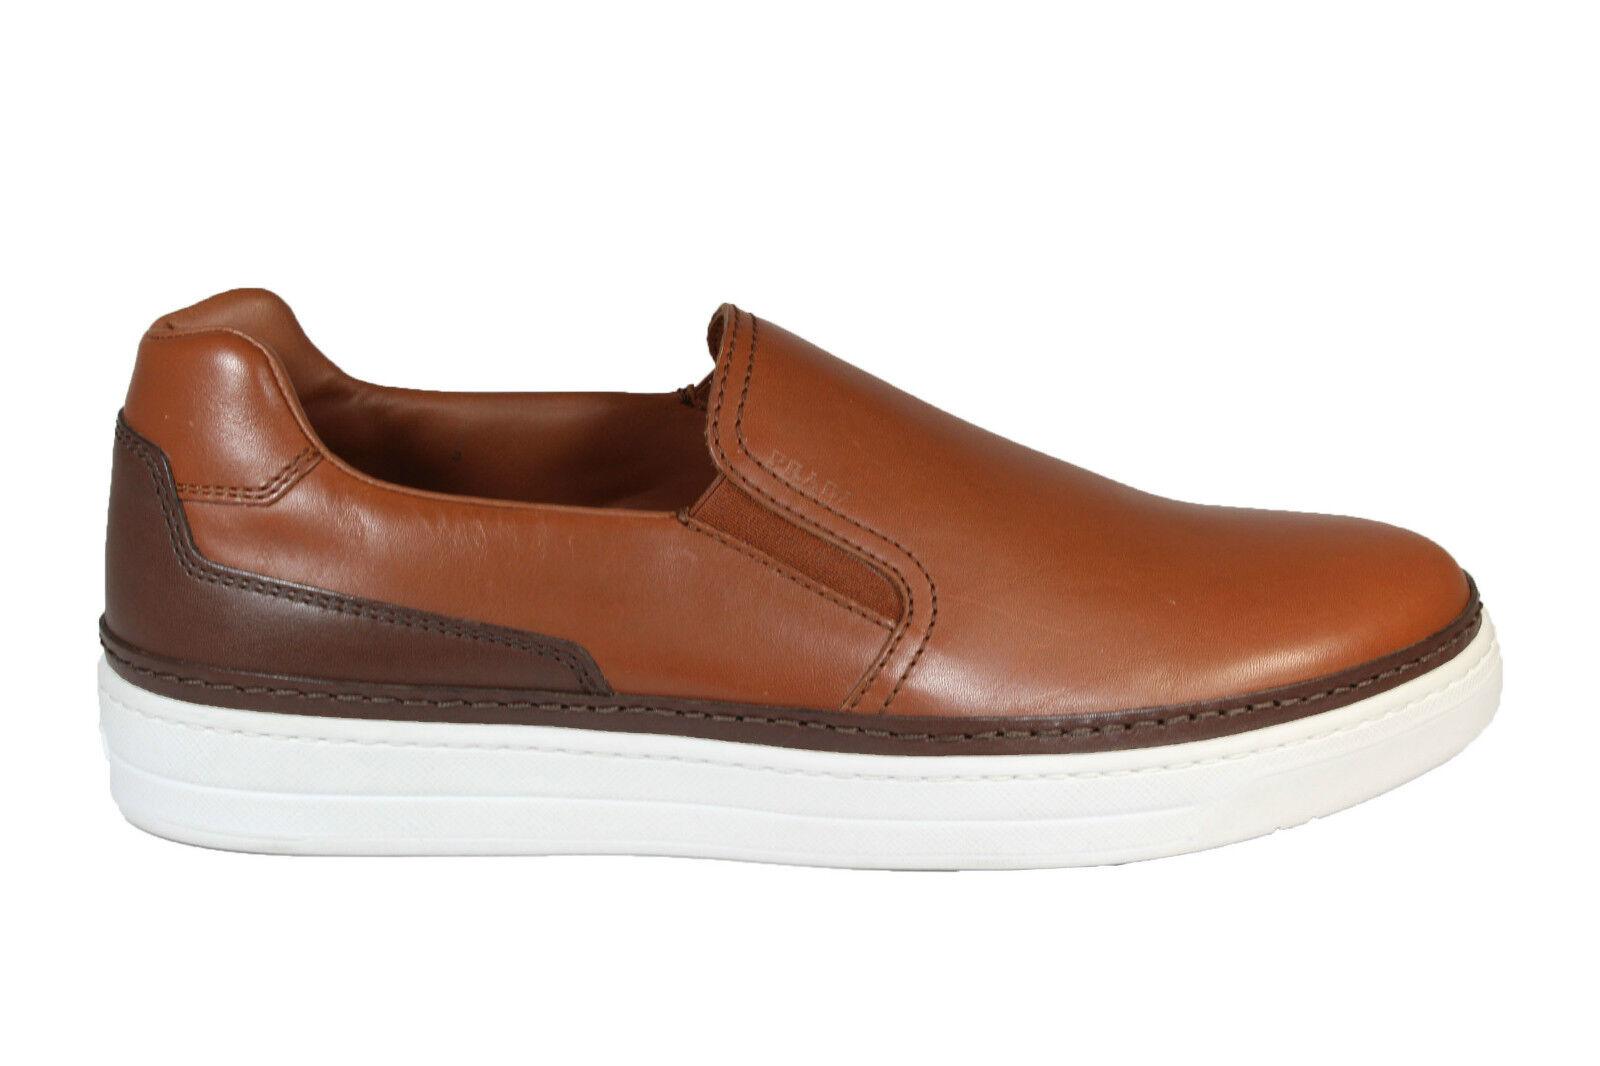 PRADA leather slip on zapatillas S S 2016 slip on in pelle P E 2016